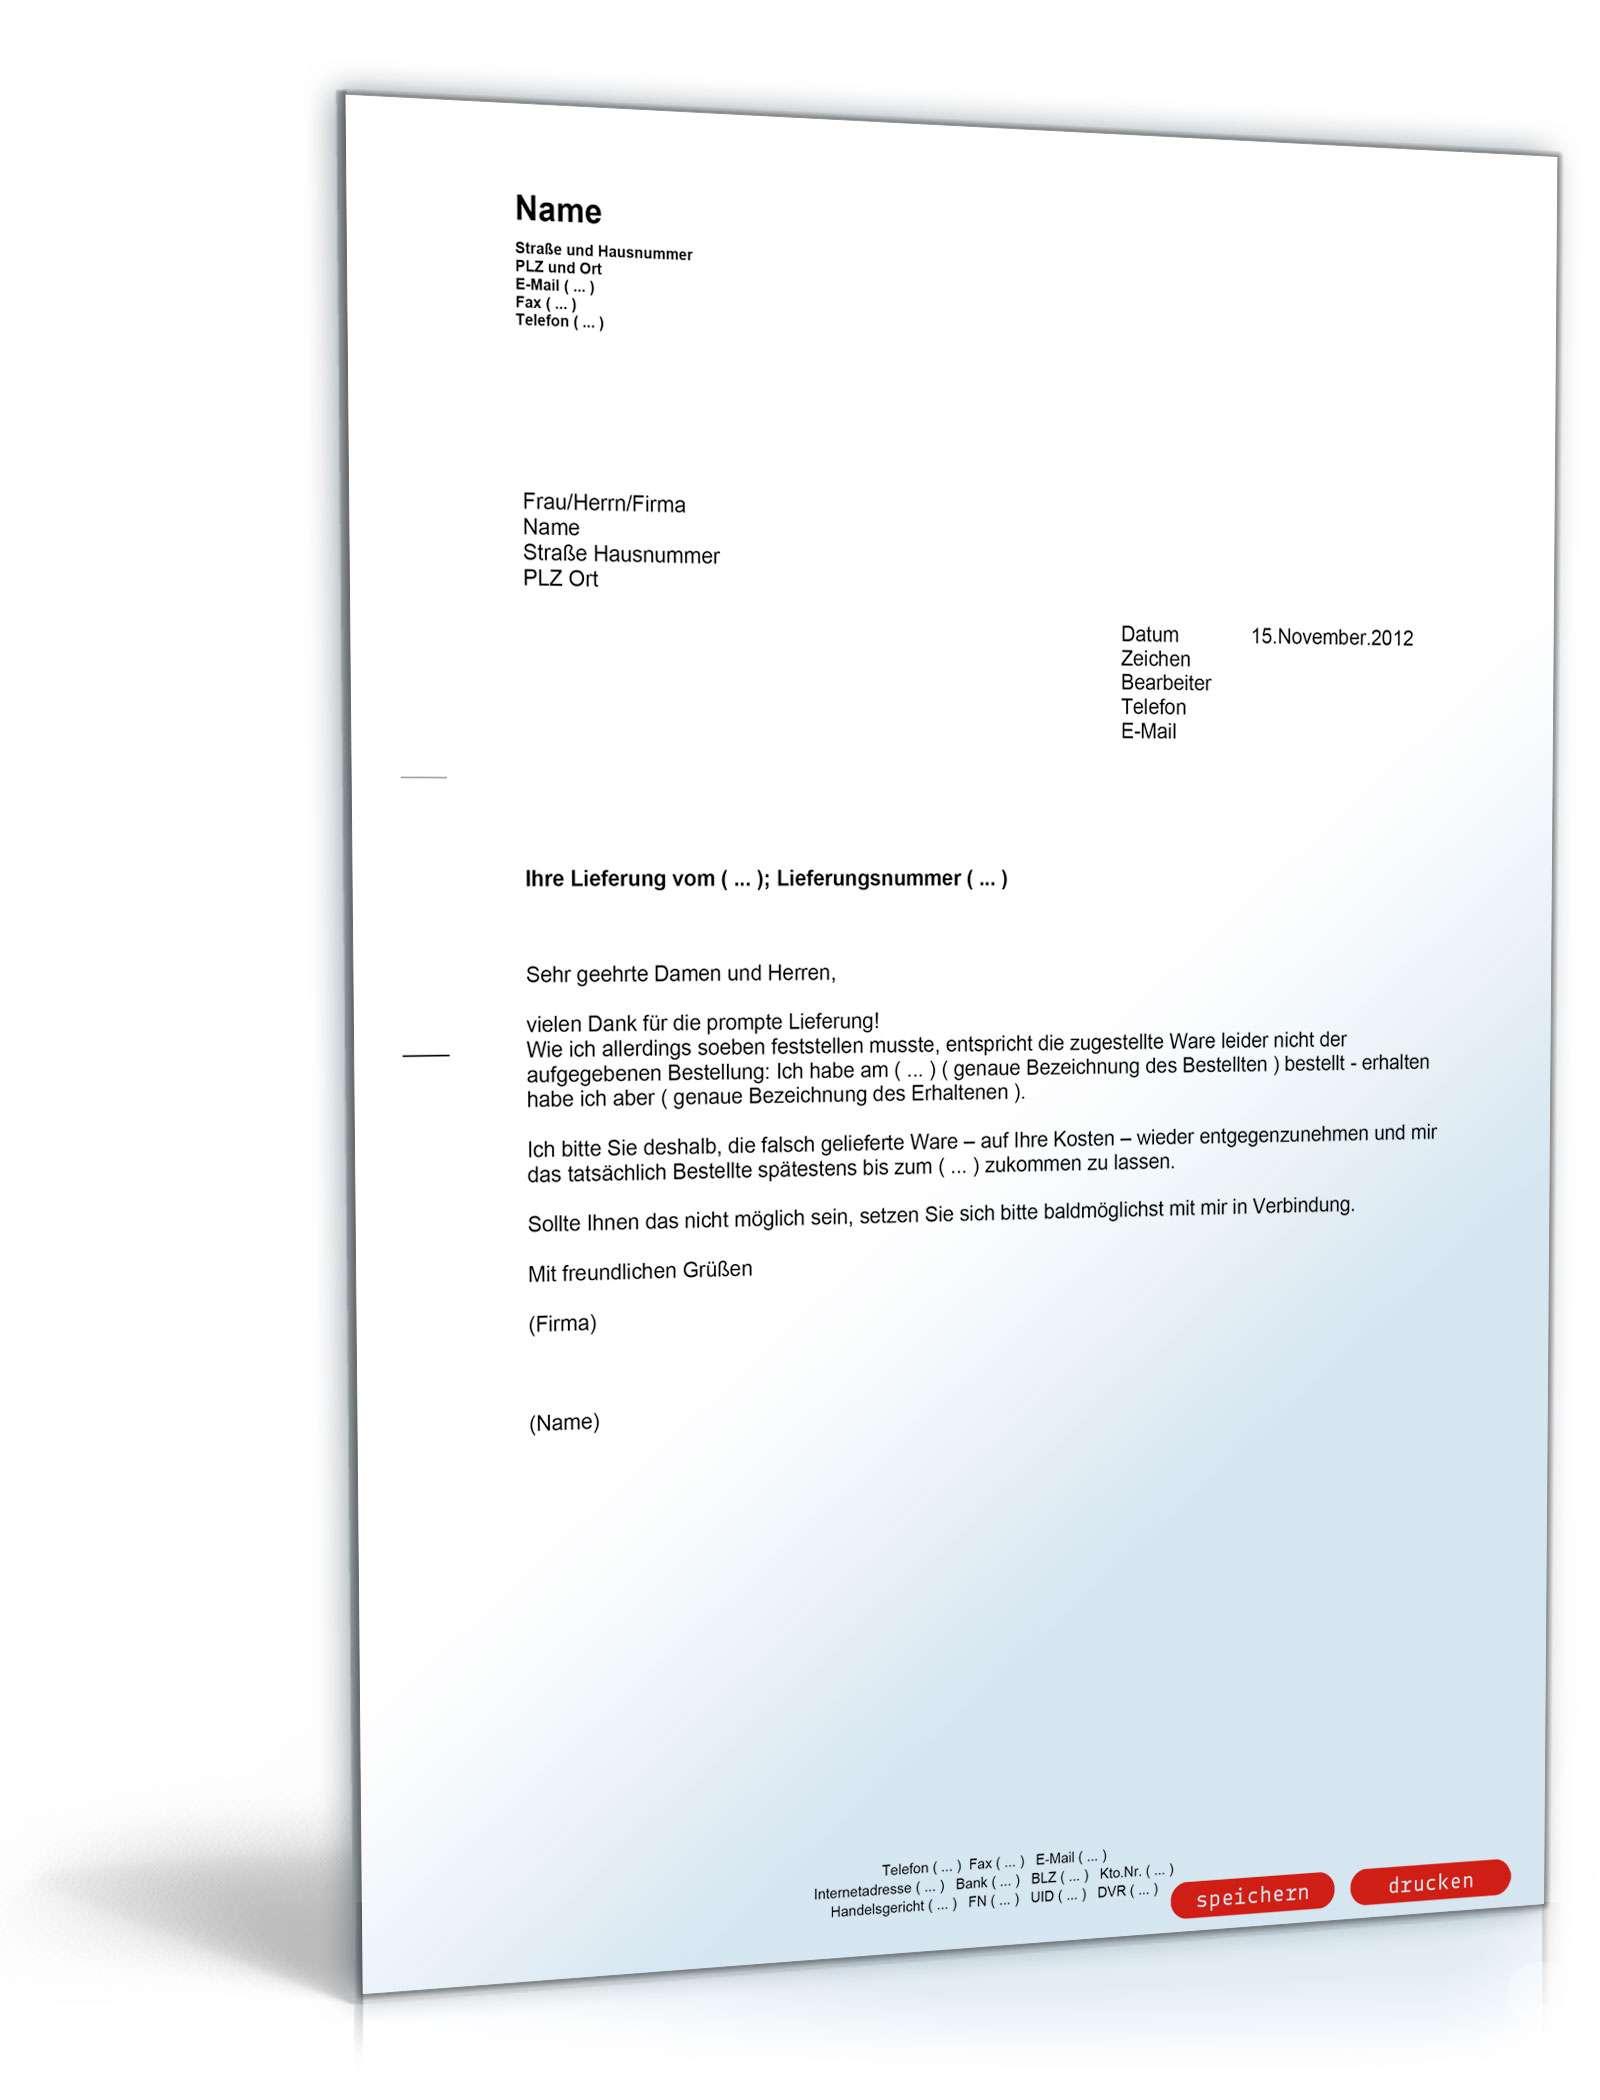 Reklamation Beschadigung Reisegepack Vorlage Zum Download 13